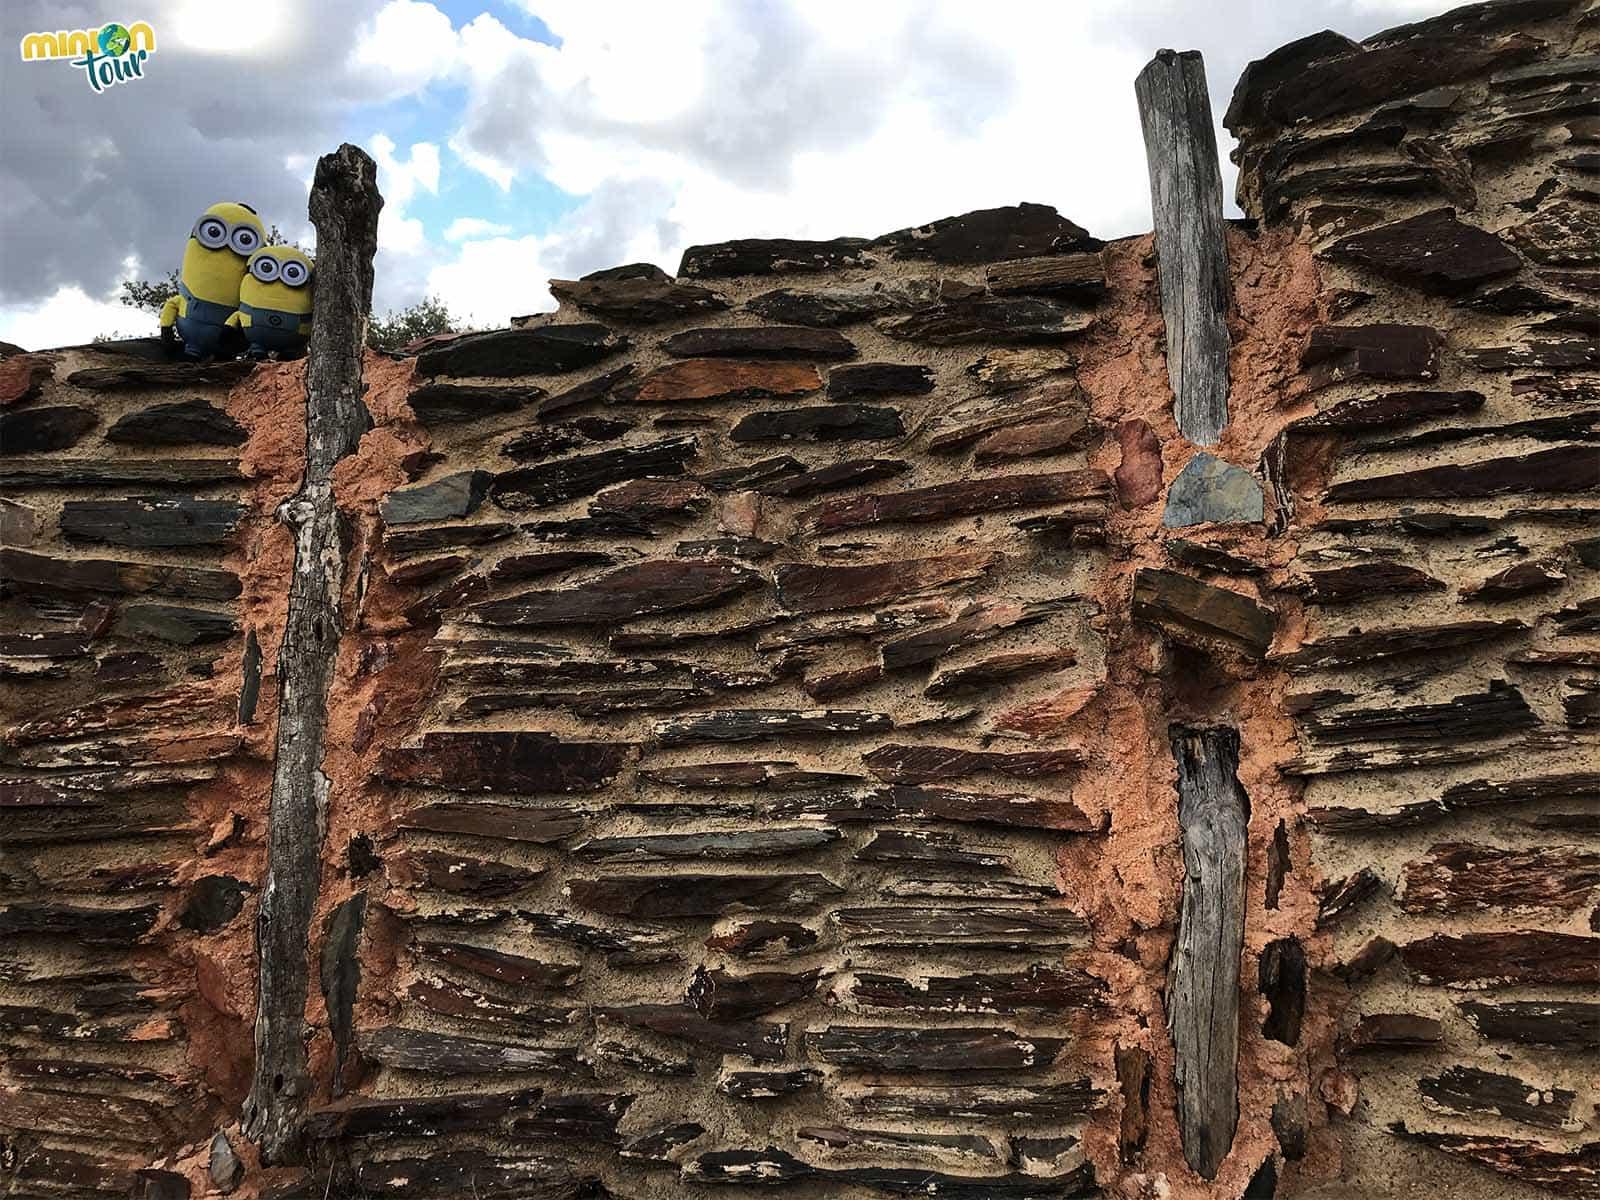 Paredes del Yacimiento Arqueológico de Peñalosa